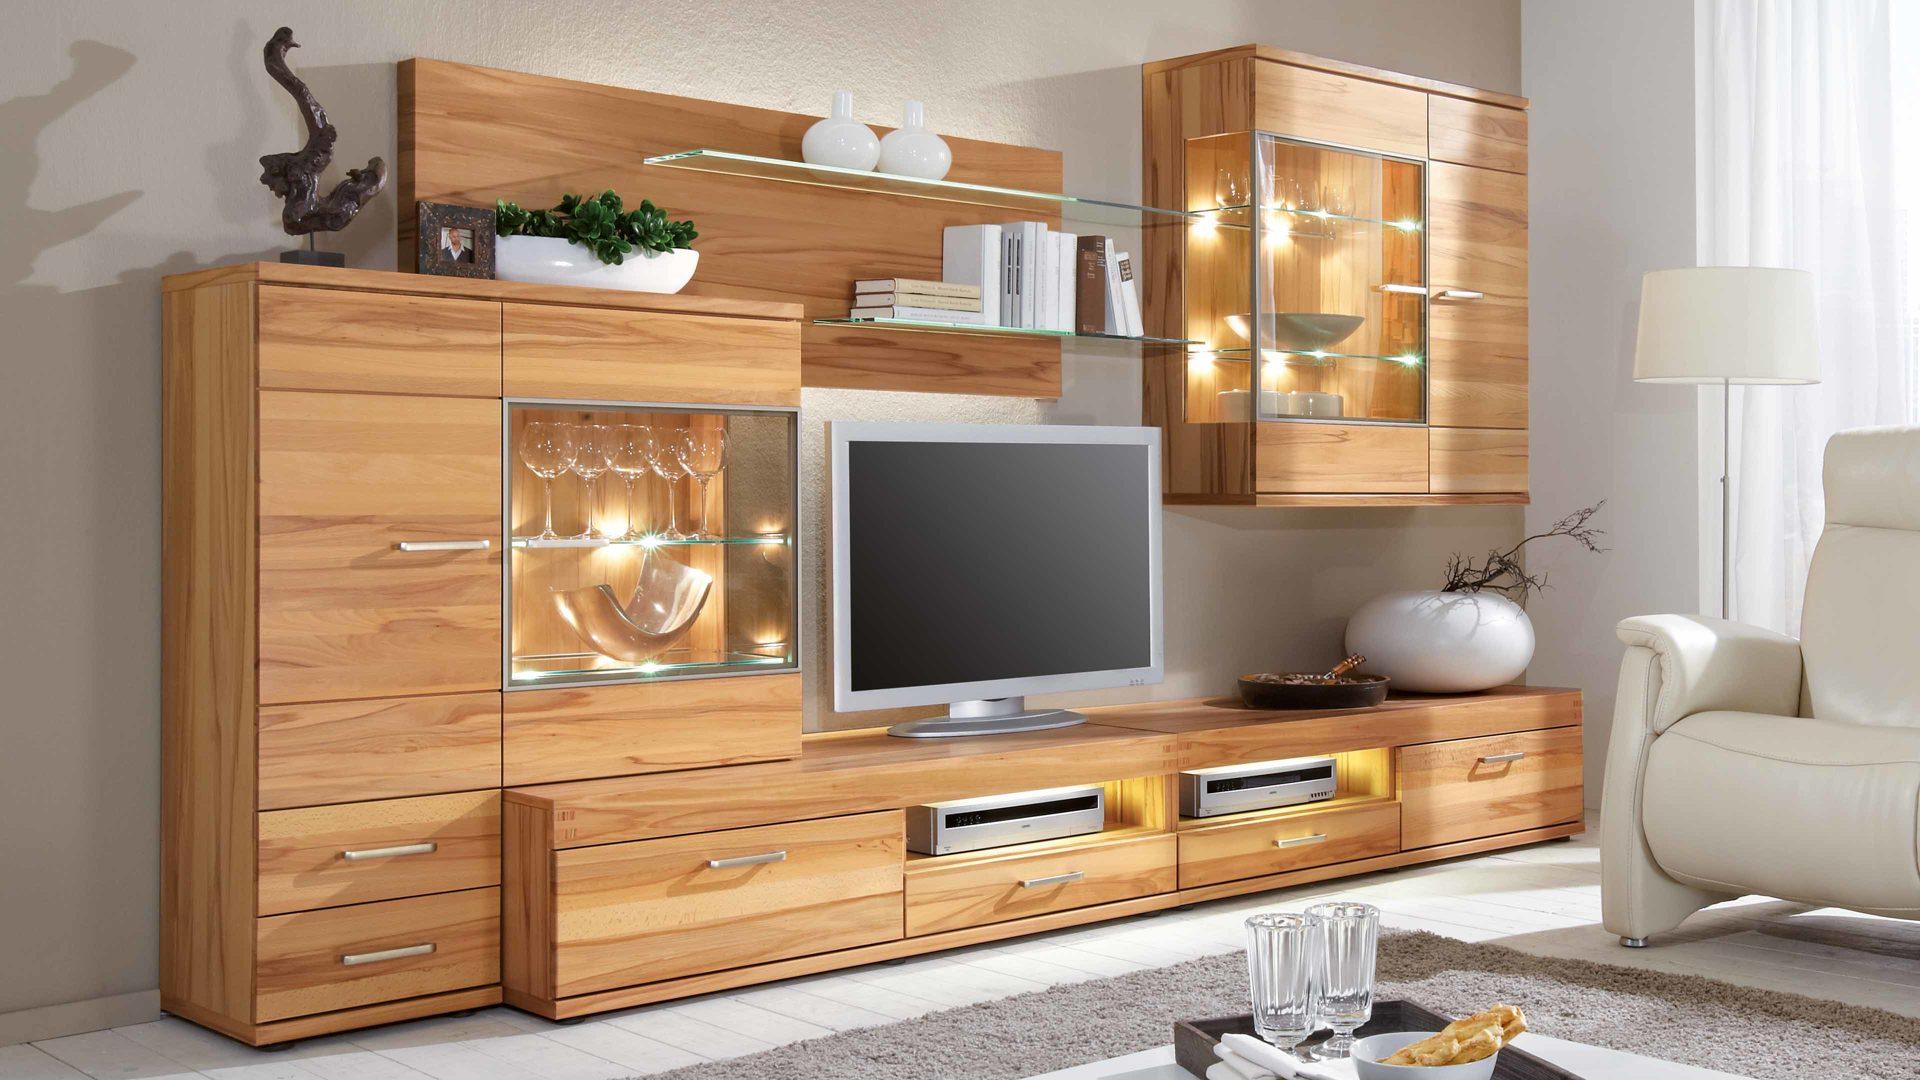 design wohnzimmer design holz wandverkleidung holz mit ... - Wohnzimmer Modern Holz